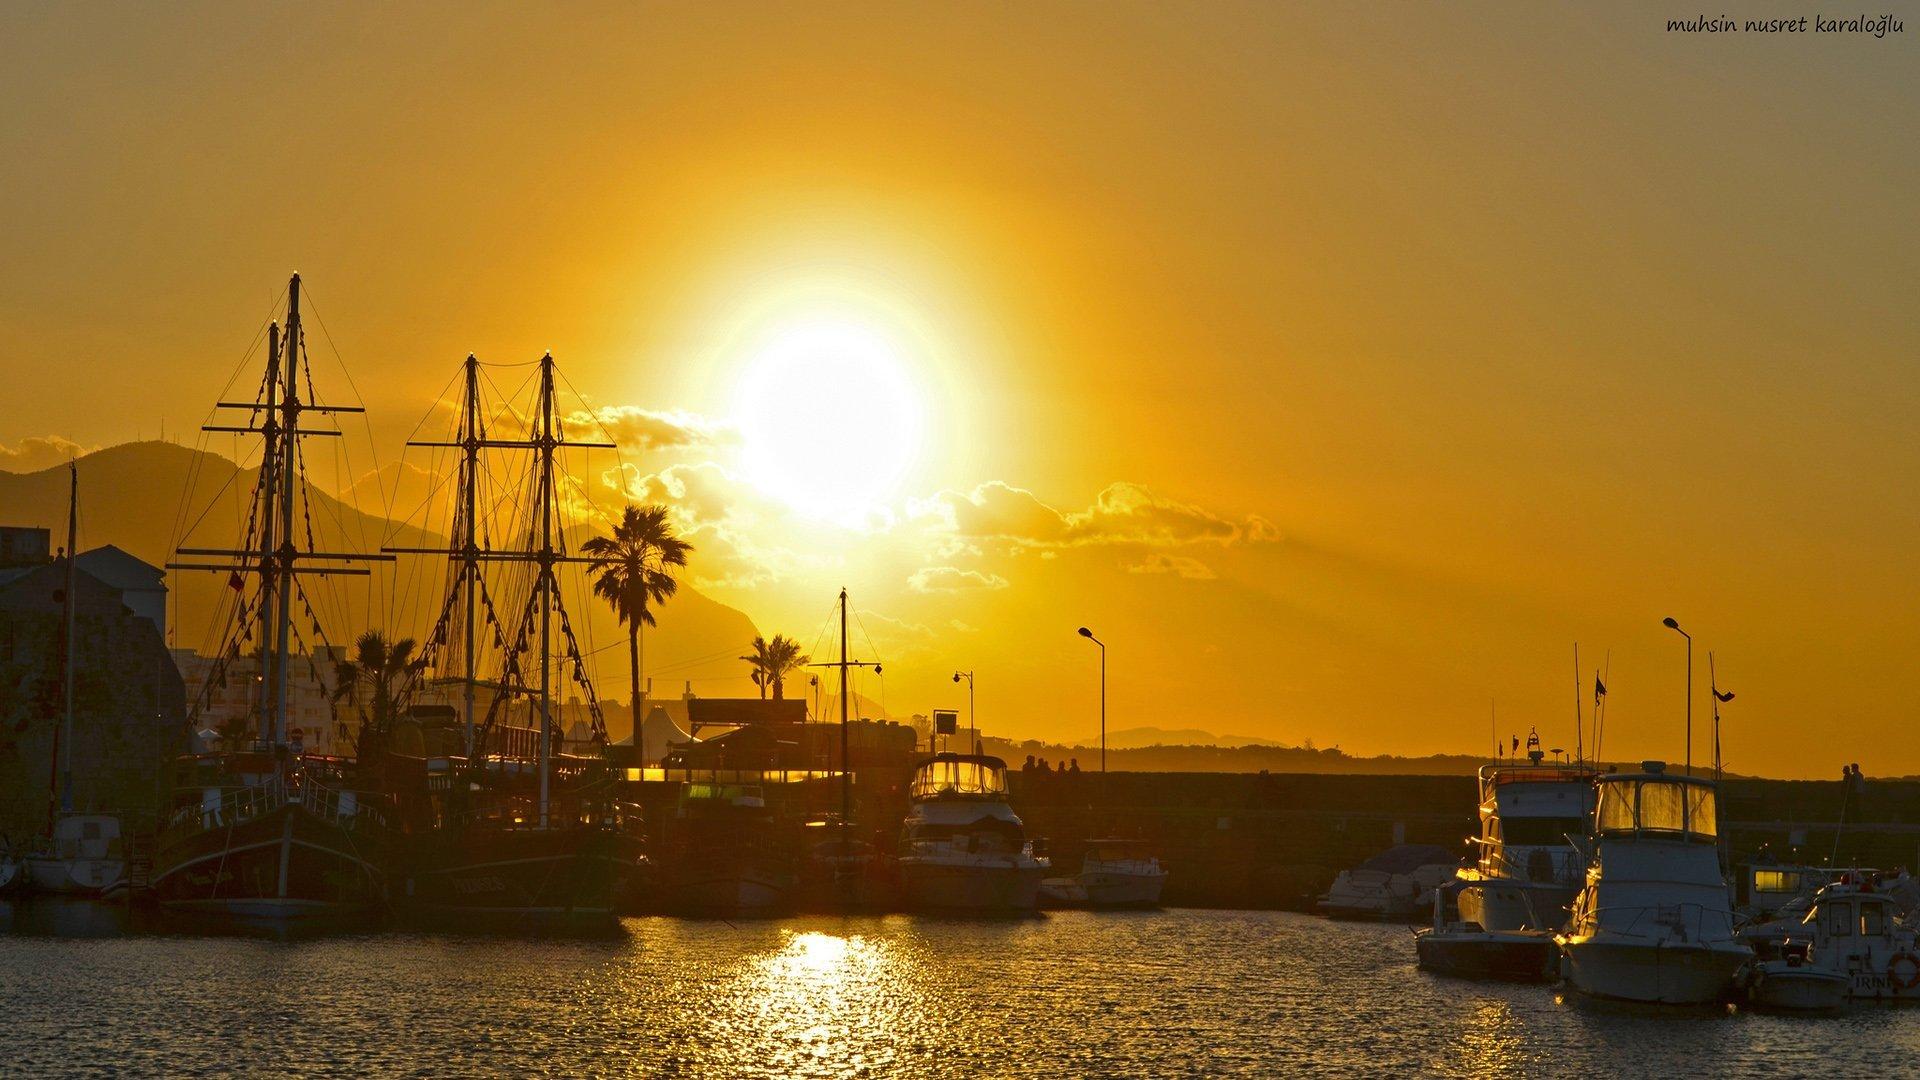 gün batımı ve yelkenliler